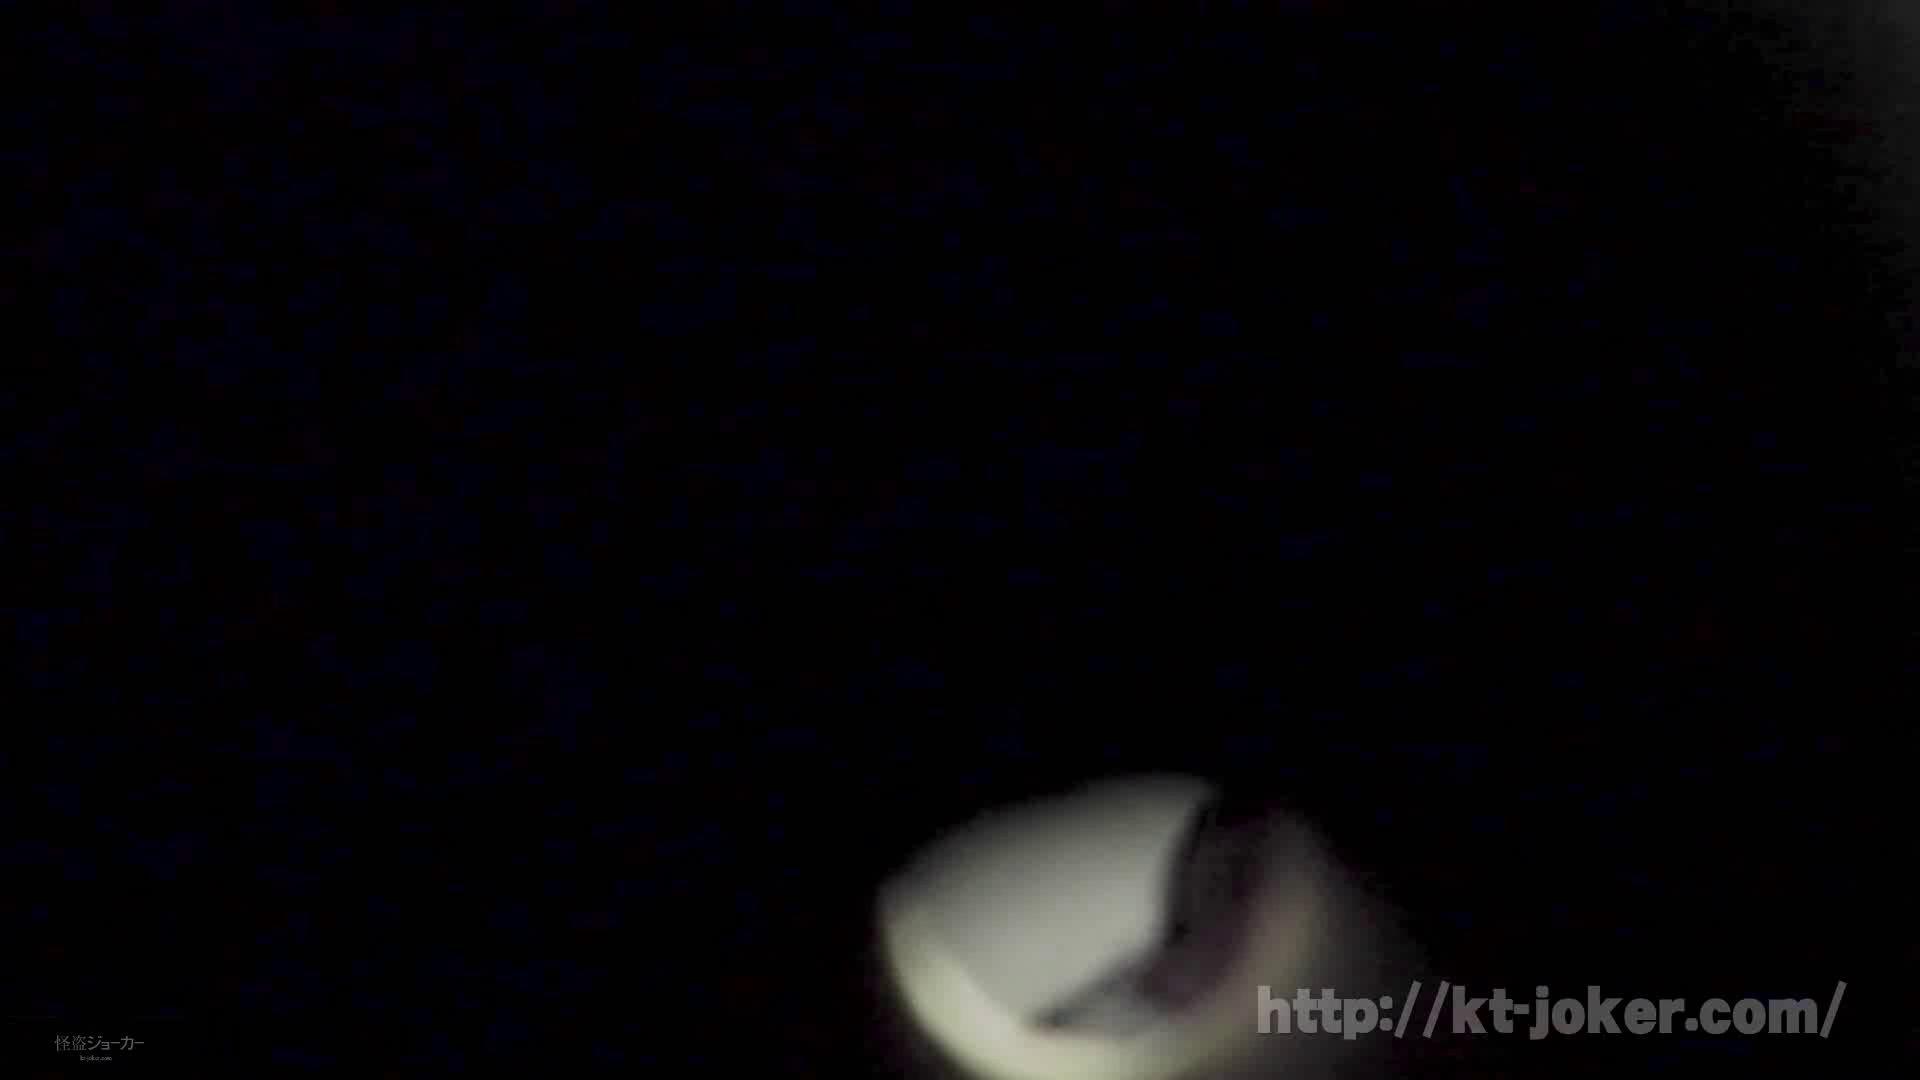 命がけ潜伏洗面所! vol.59 来ました。最高作の予感!美しい OLセックス  108画像 54